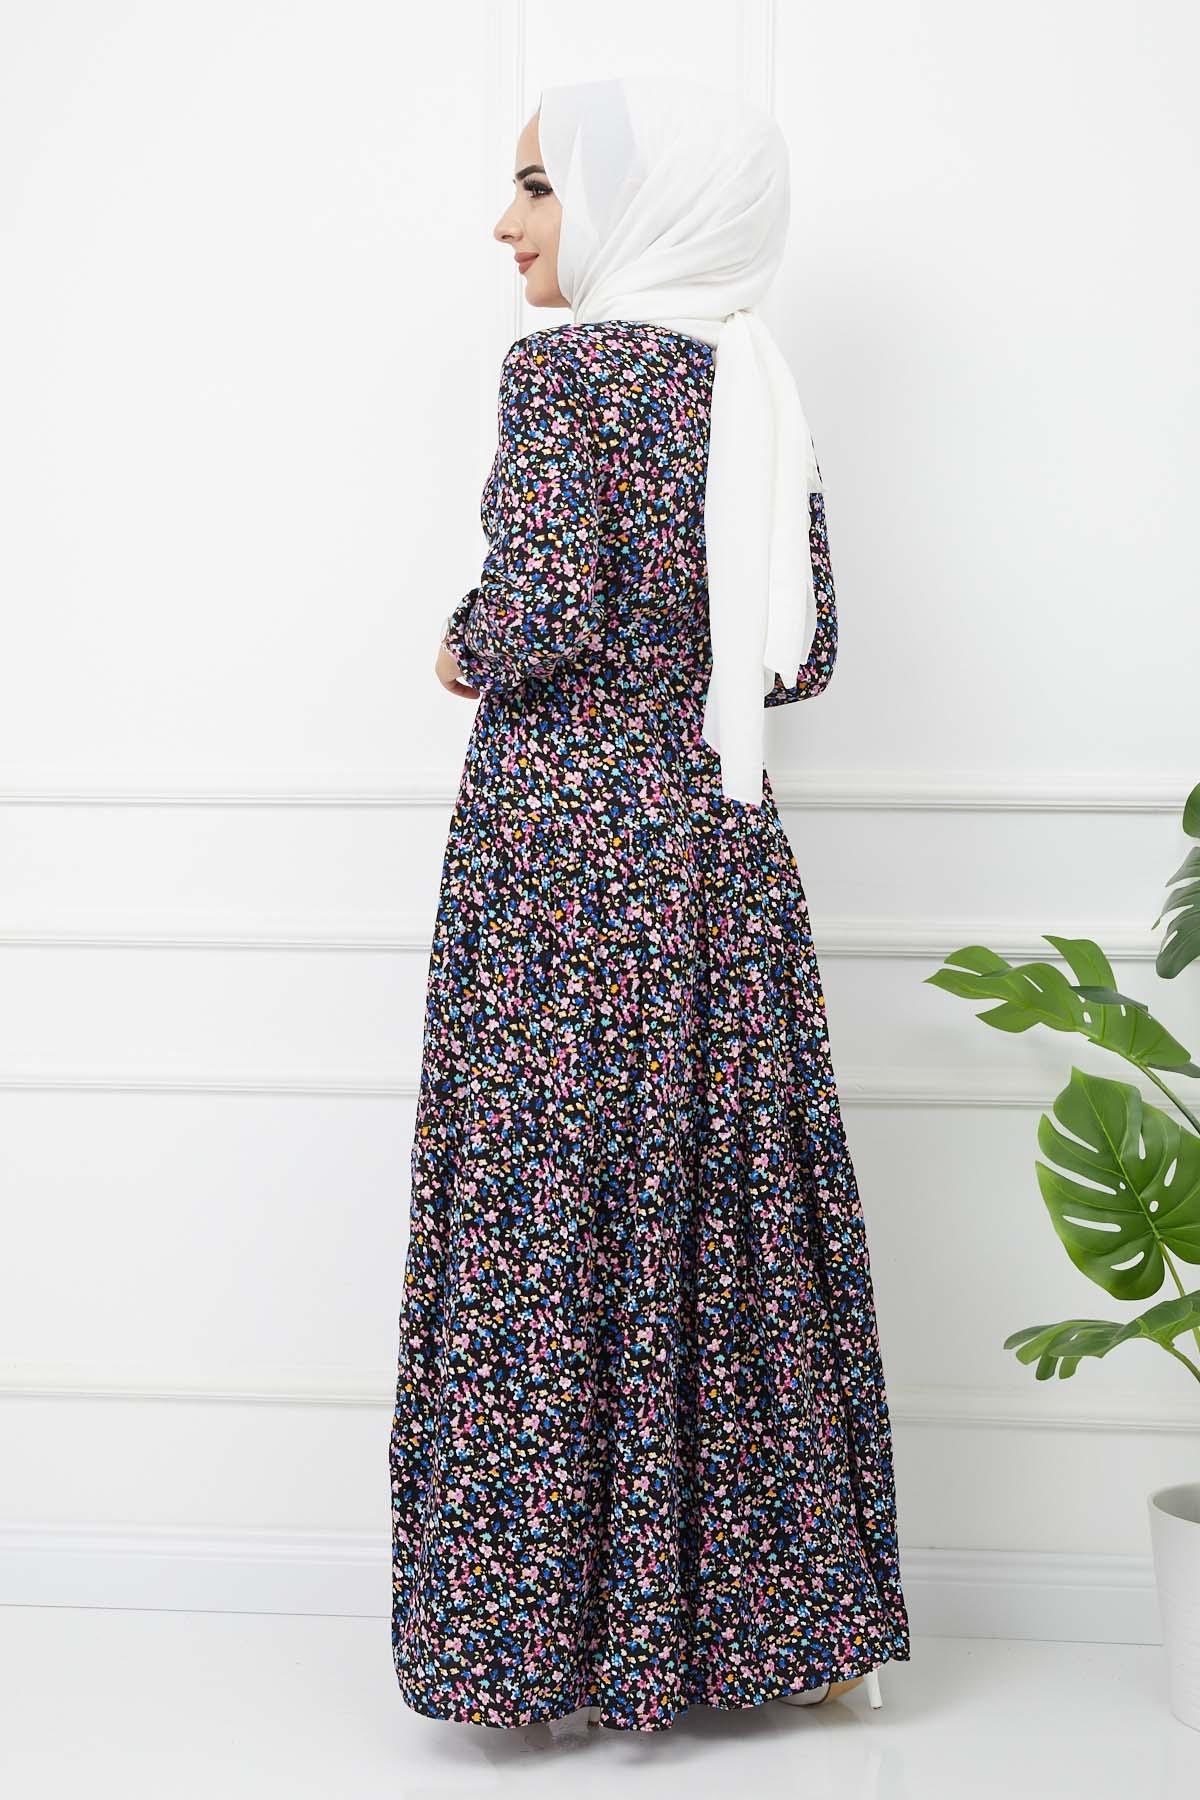 Esra Elbise 4628 - Siyah